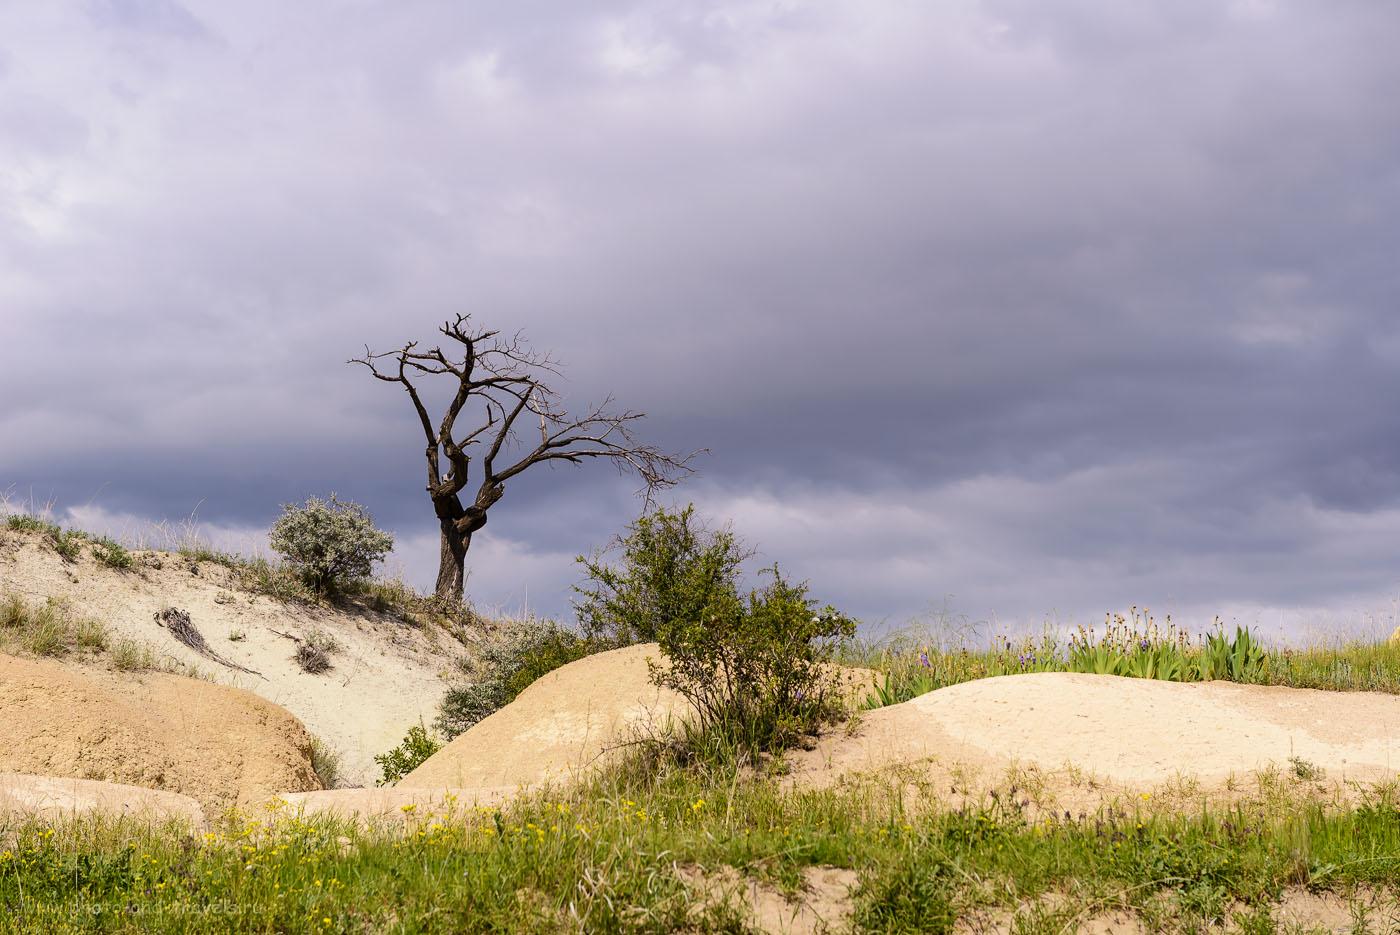 Фото 35. «Анчар» в полях по дороге к Долине Любви. Отзывы туристов об экскурсиях в Каппадокии. 1/500, -0.67, 8.0, 100, 70.